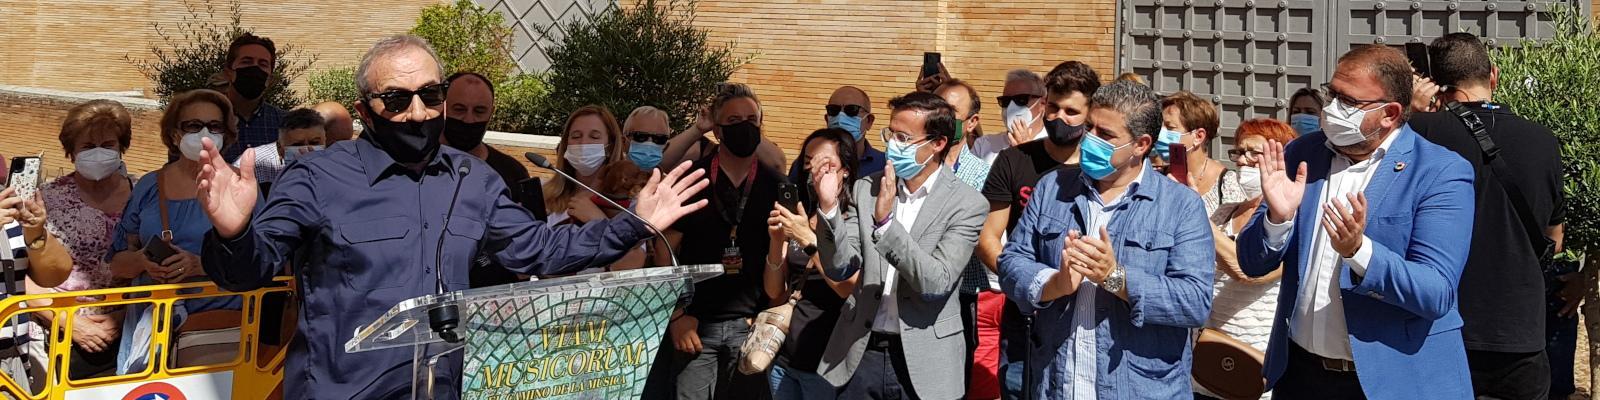 El presidente de la Diputación entrega la estatuilla 'StoneM' al cantante José Luis Perales